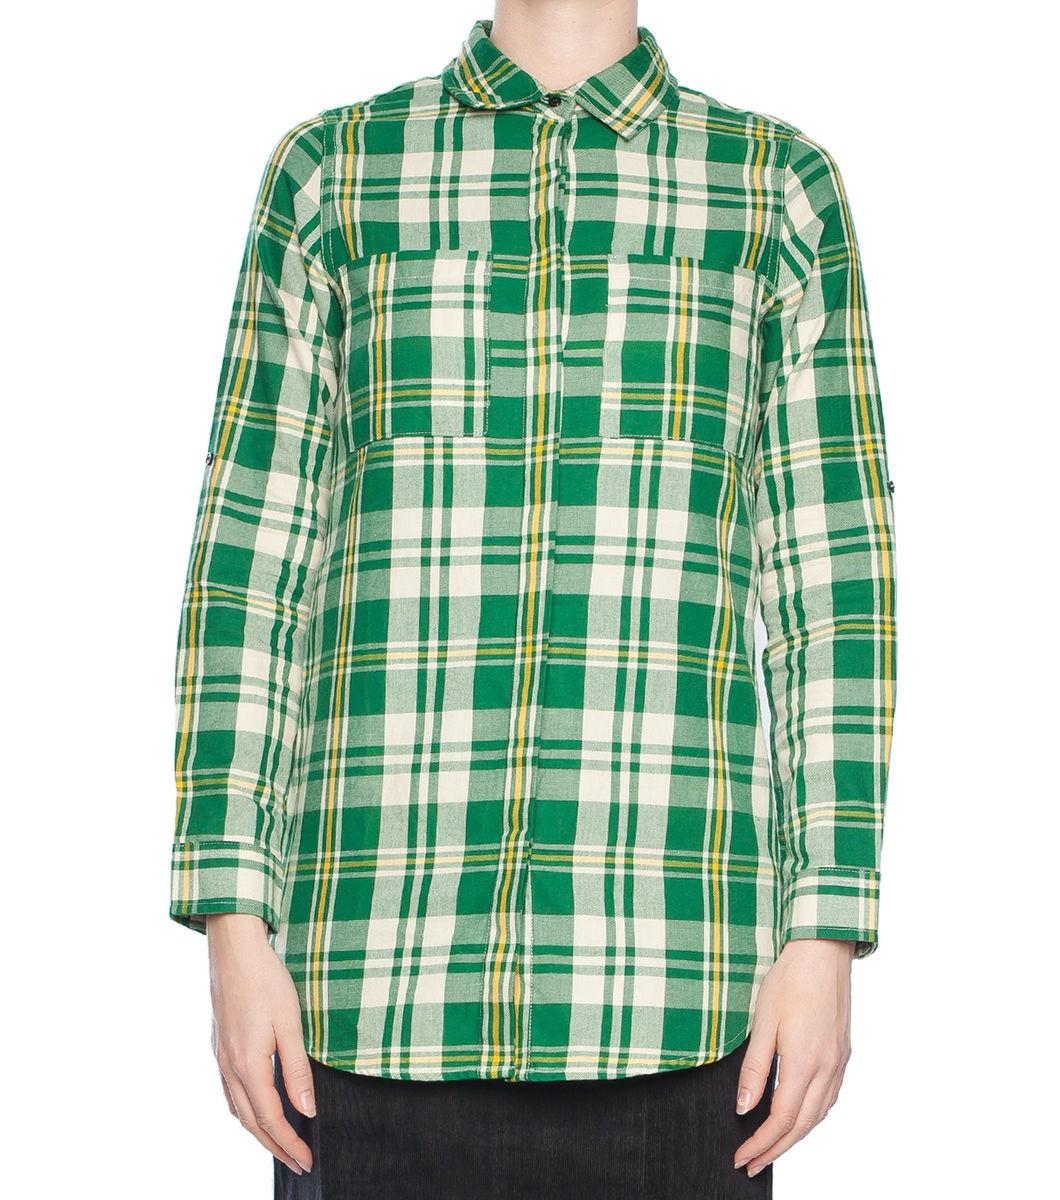 Mudhoney Shirt